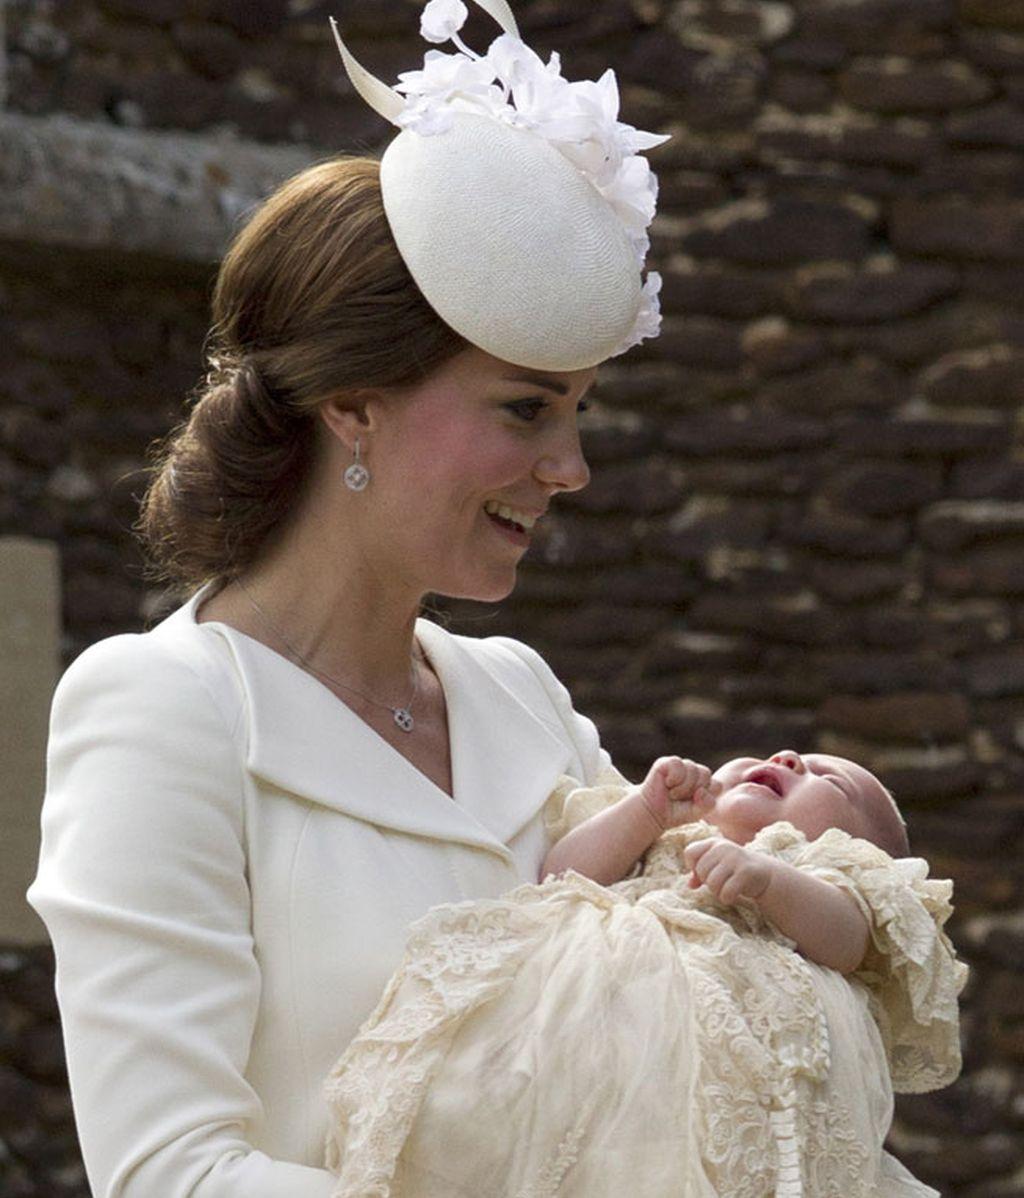 La Duquesa se mostró muy sonriente en su aparición